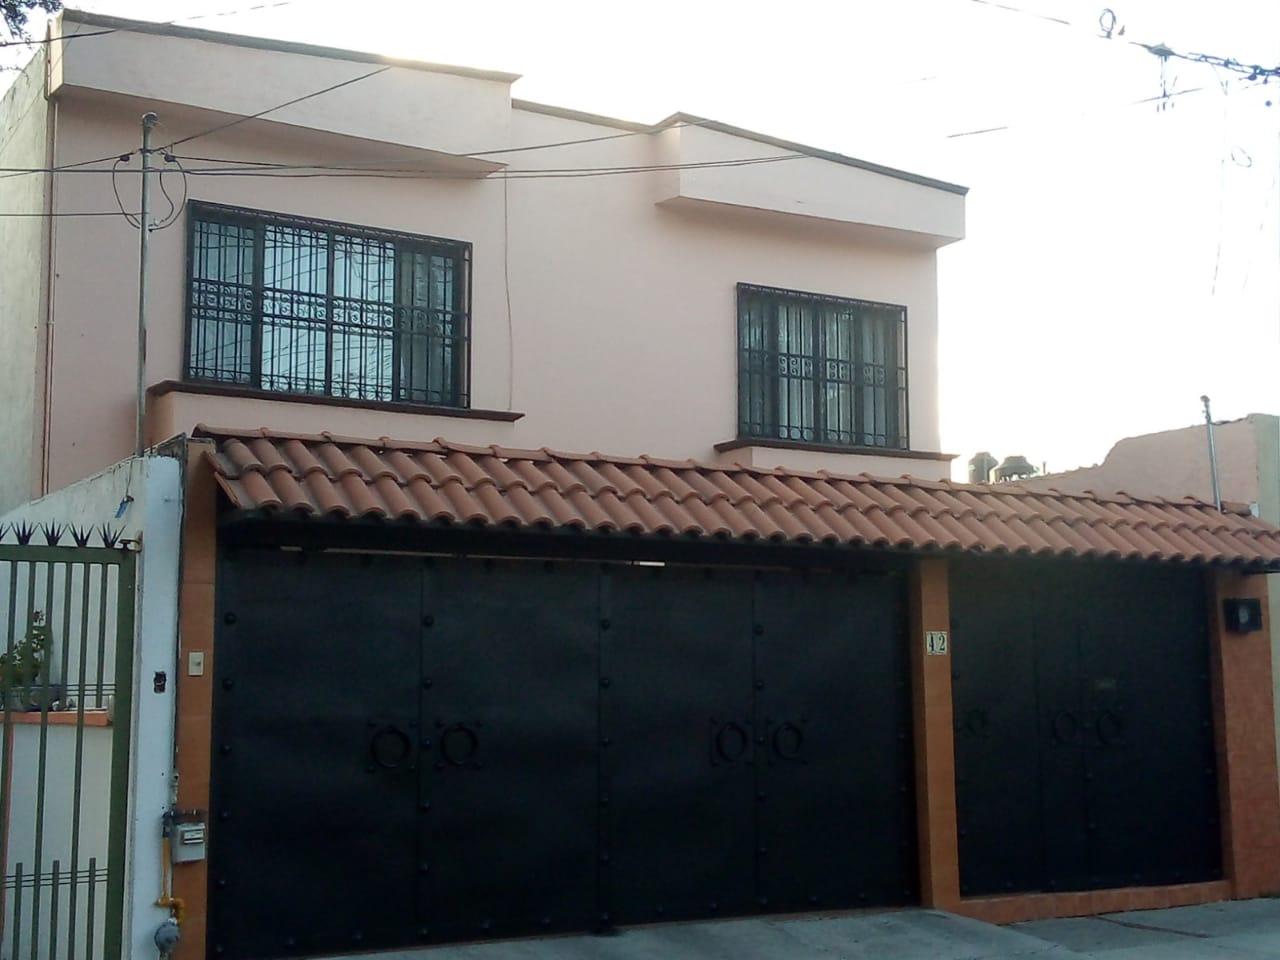 Atención Inversionistas. Casa en Venta en Constituyentes del Parque,CD de Querétaro